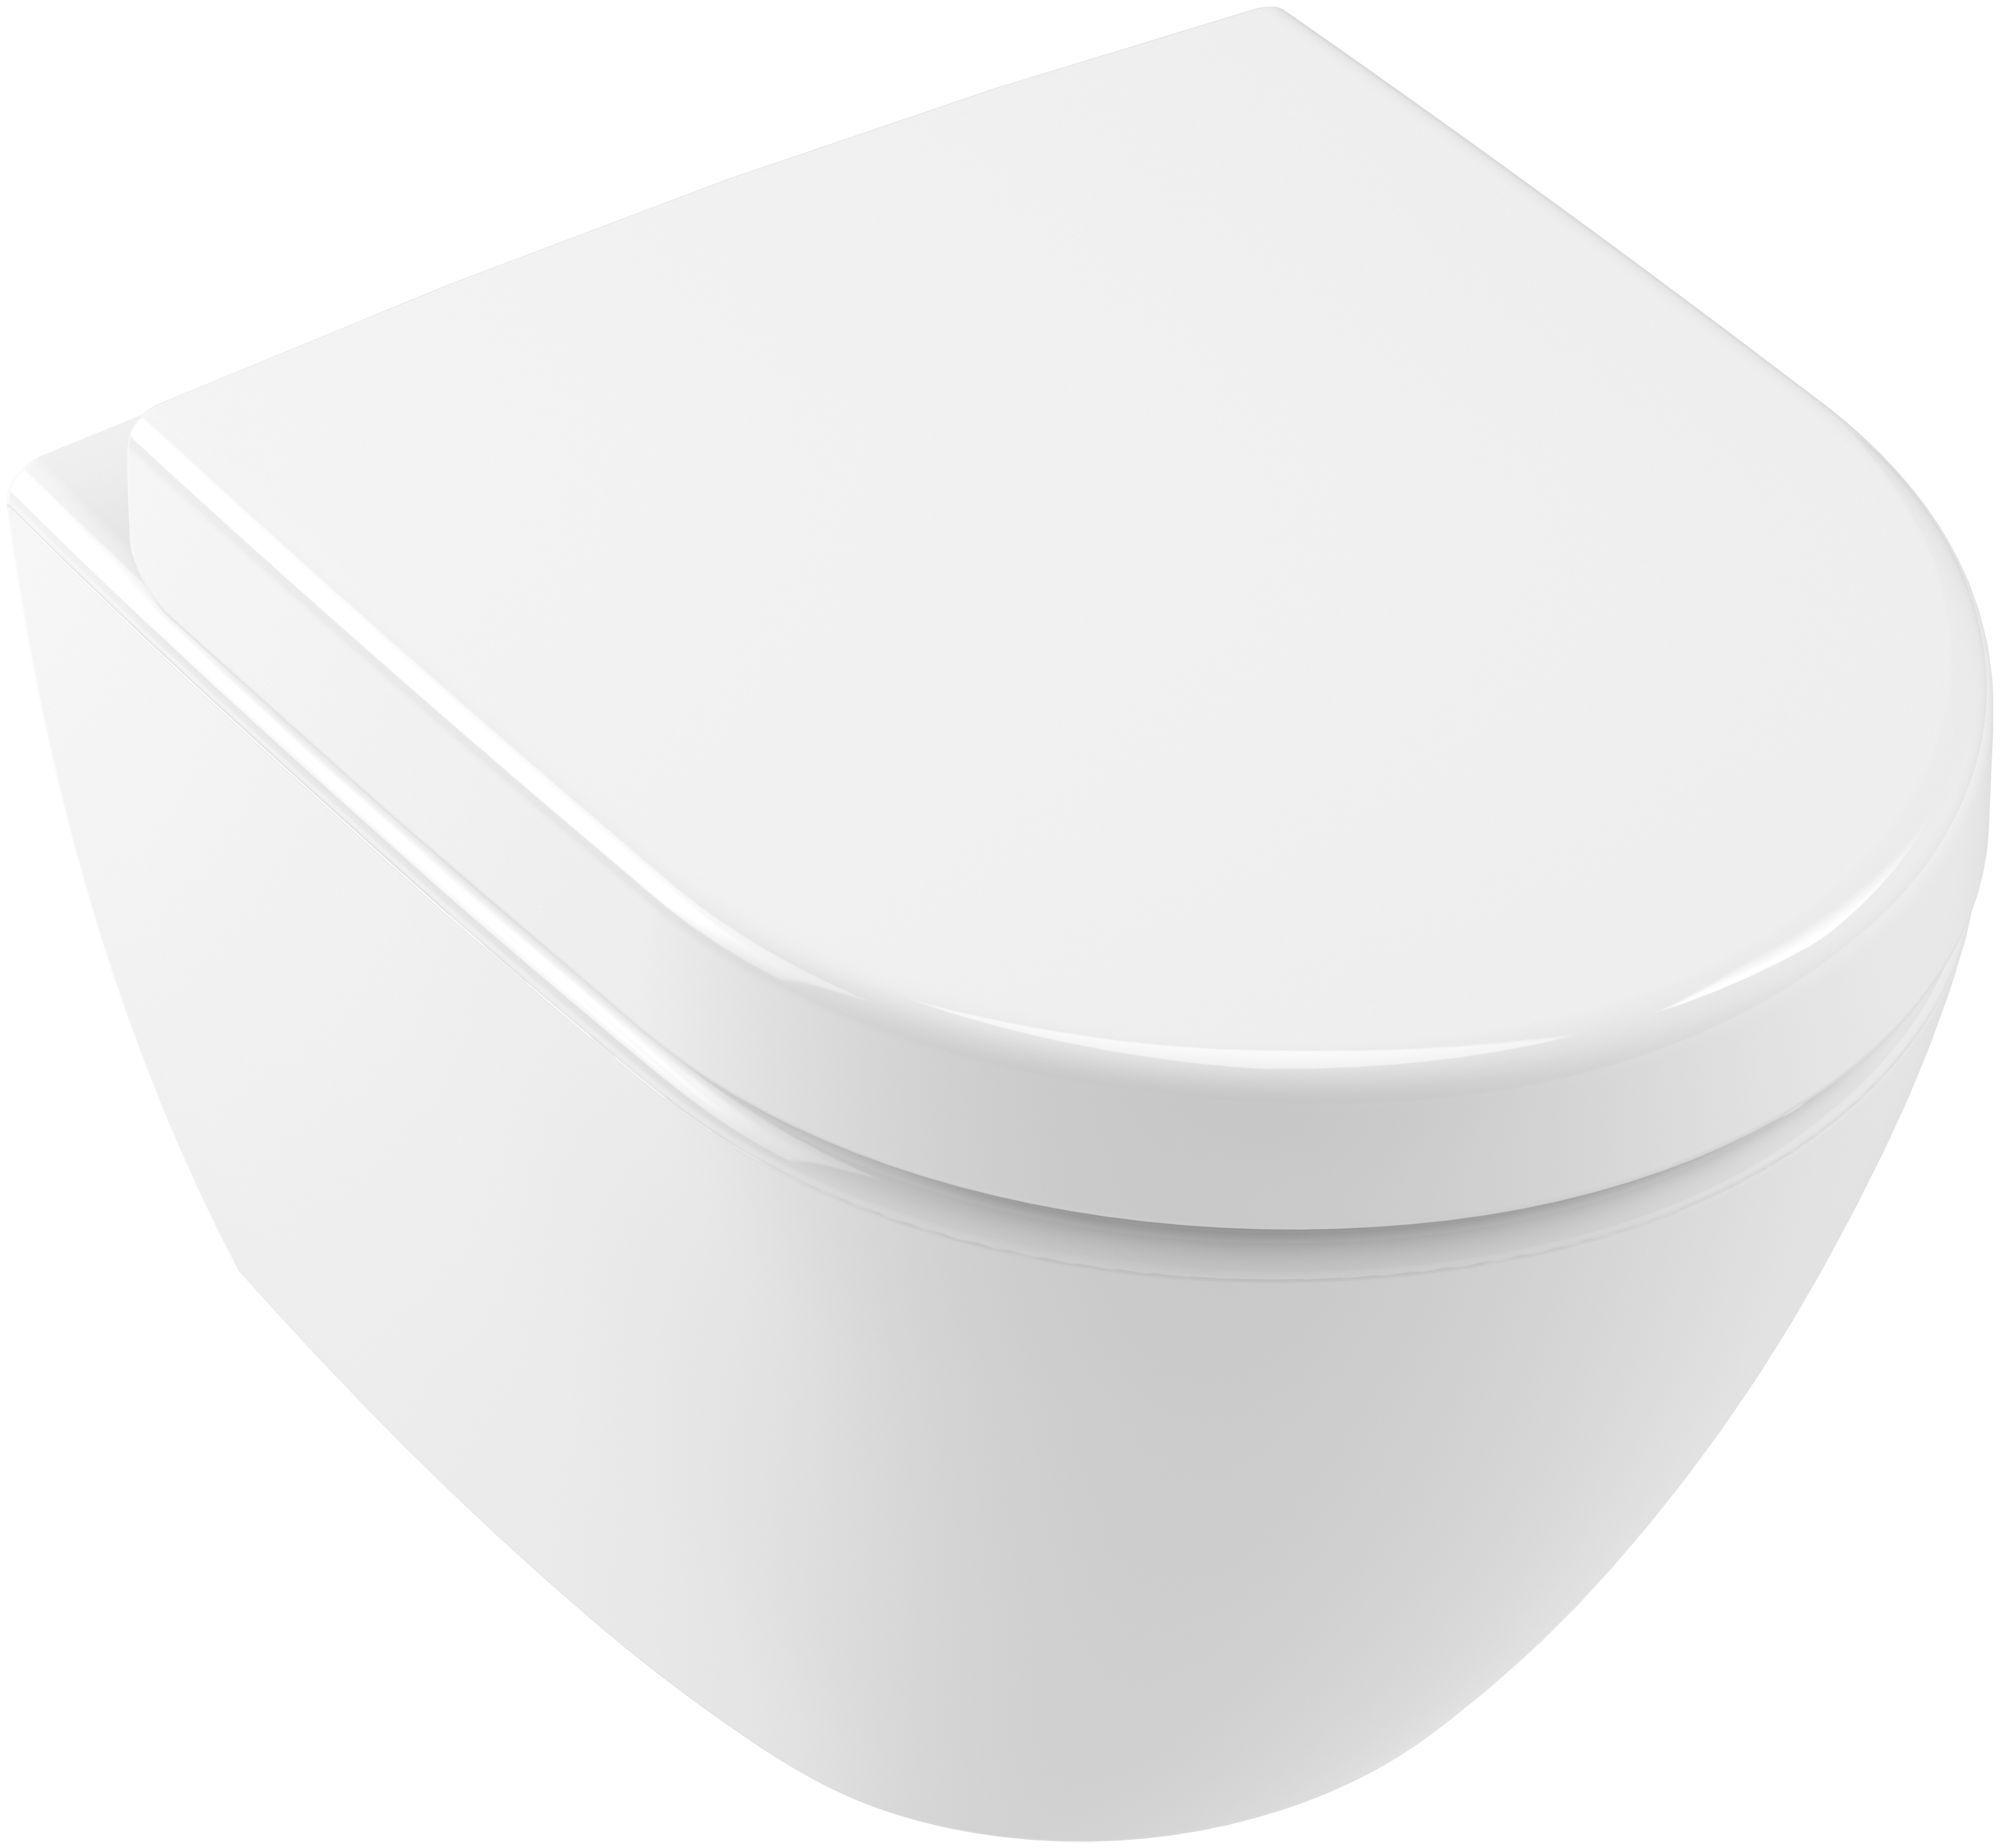 Villeroy & Boch Subway 2.0 Tiefspül-Wand-WC compact DirectFlush mit offenem Spülrand L:48xB:35,5cm starwhite mit CeramicPlus 5606R0R2